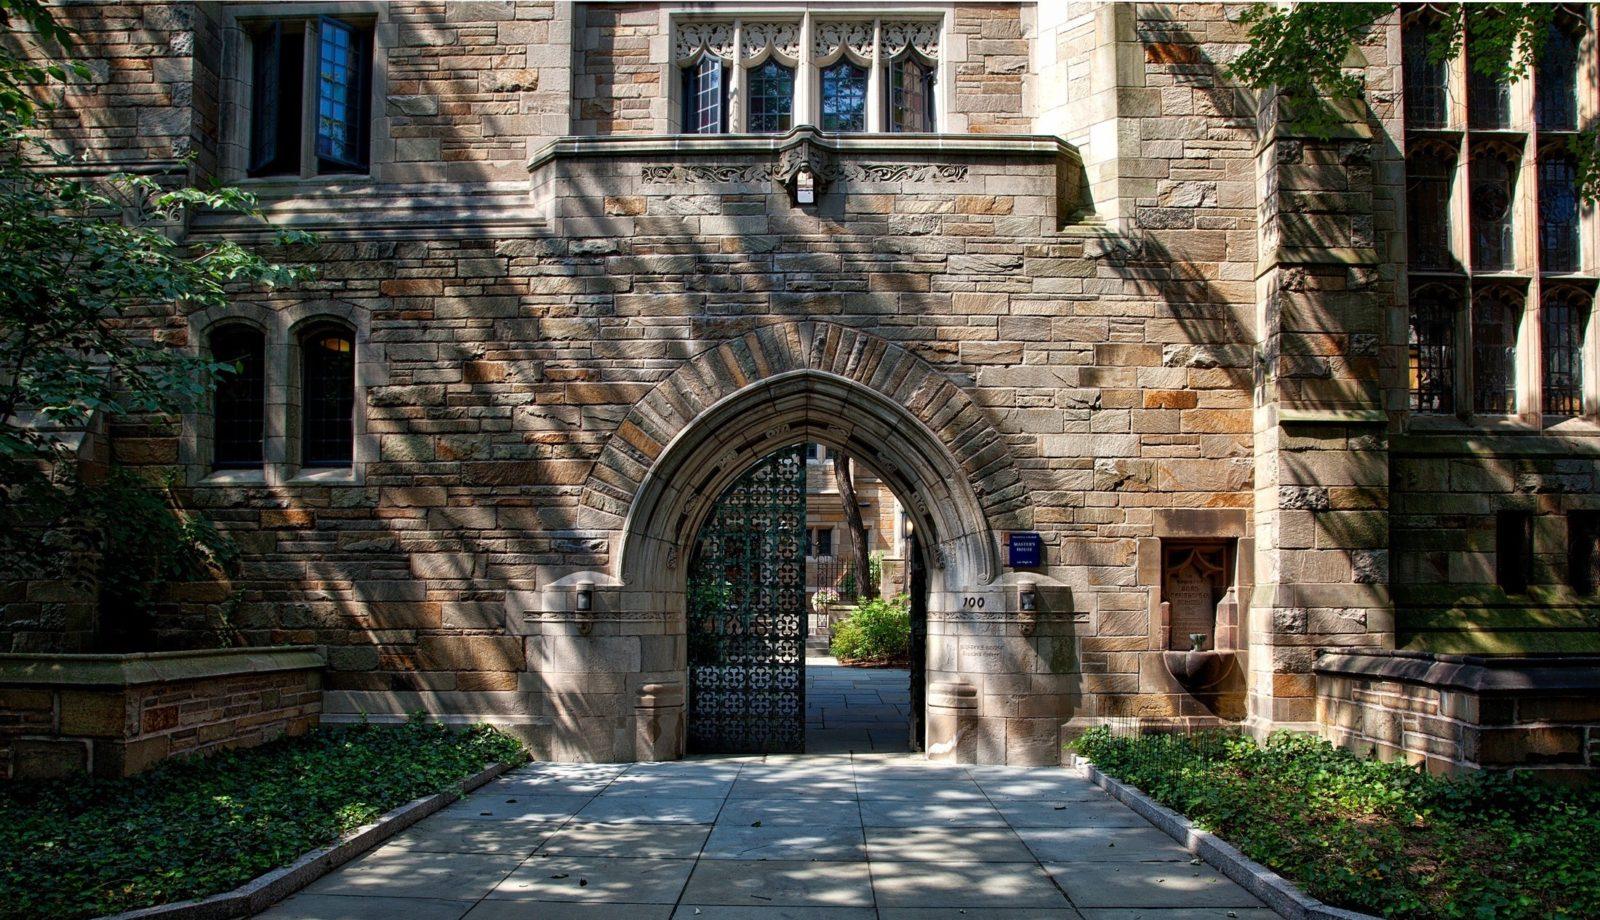 steel-gate-of-brown-brick-building-159490